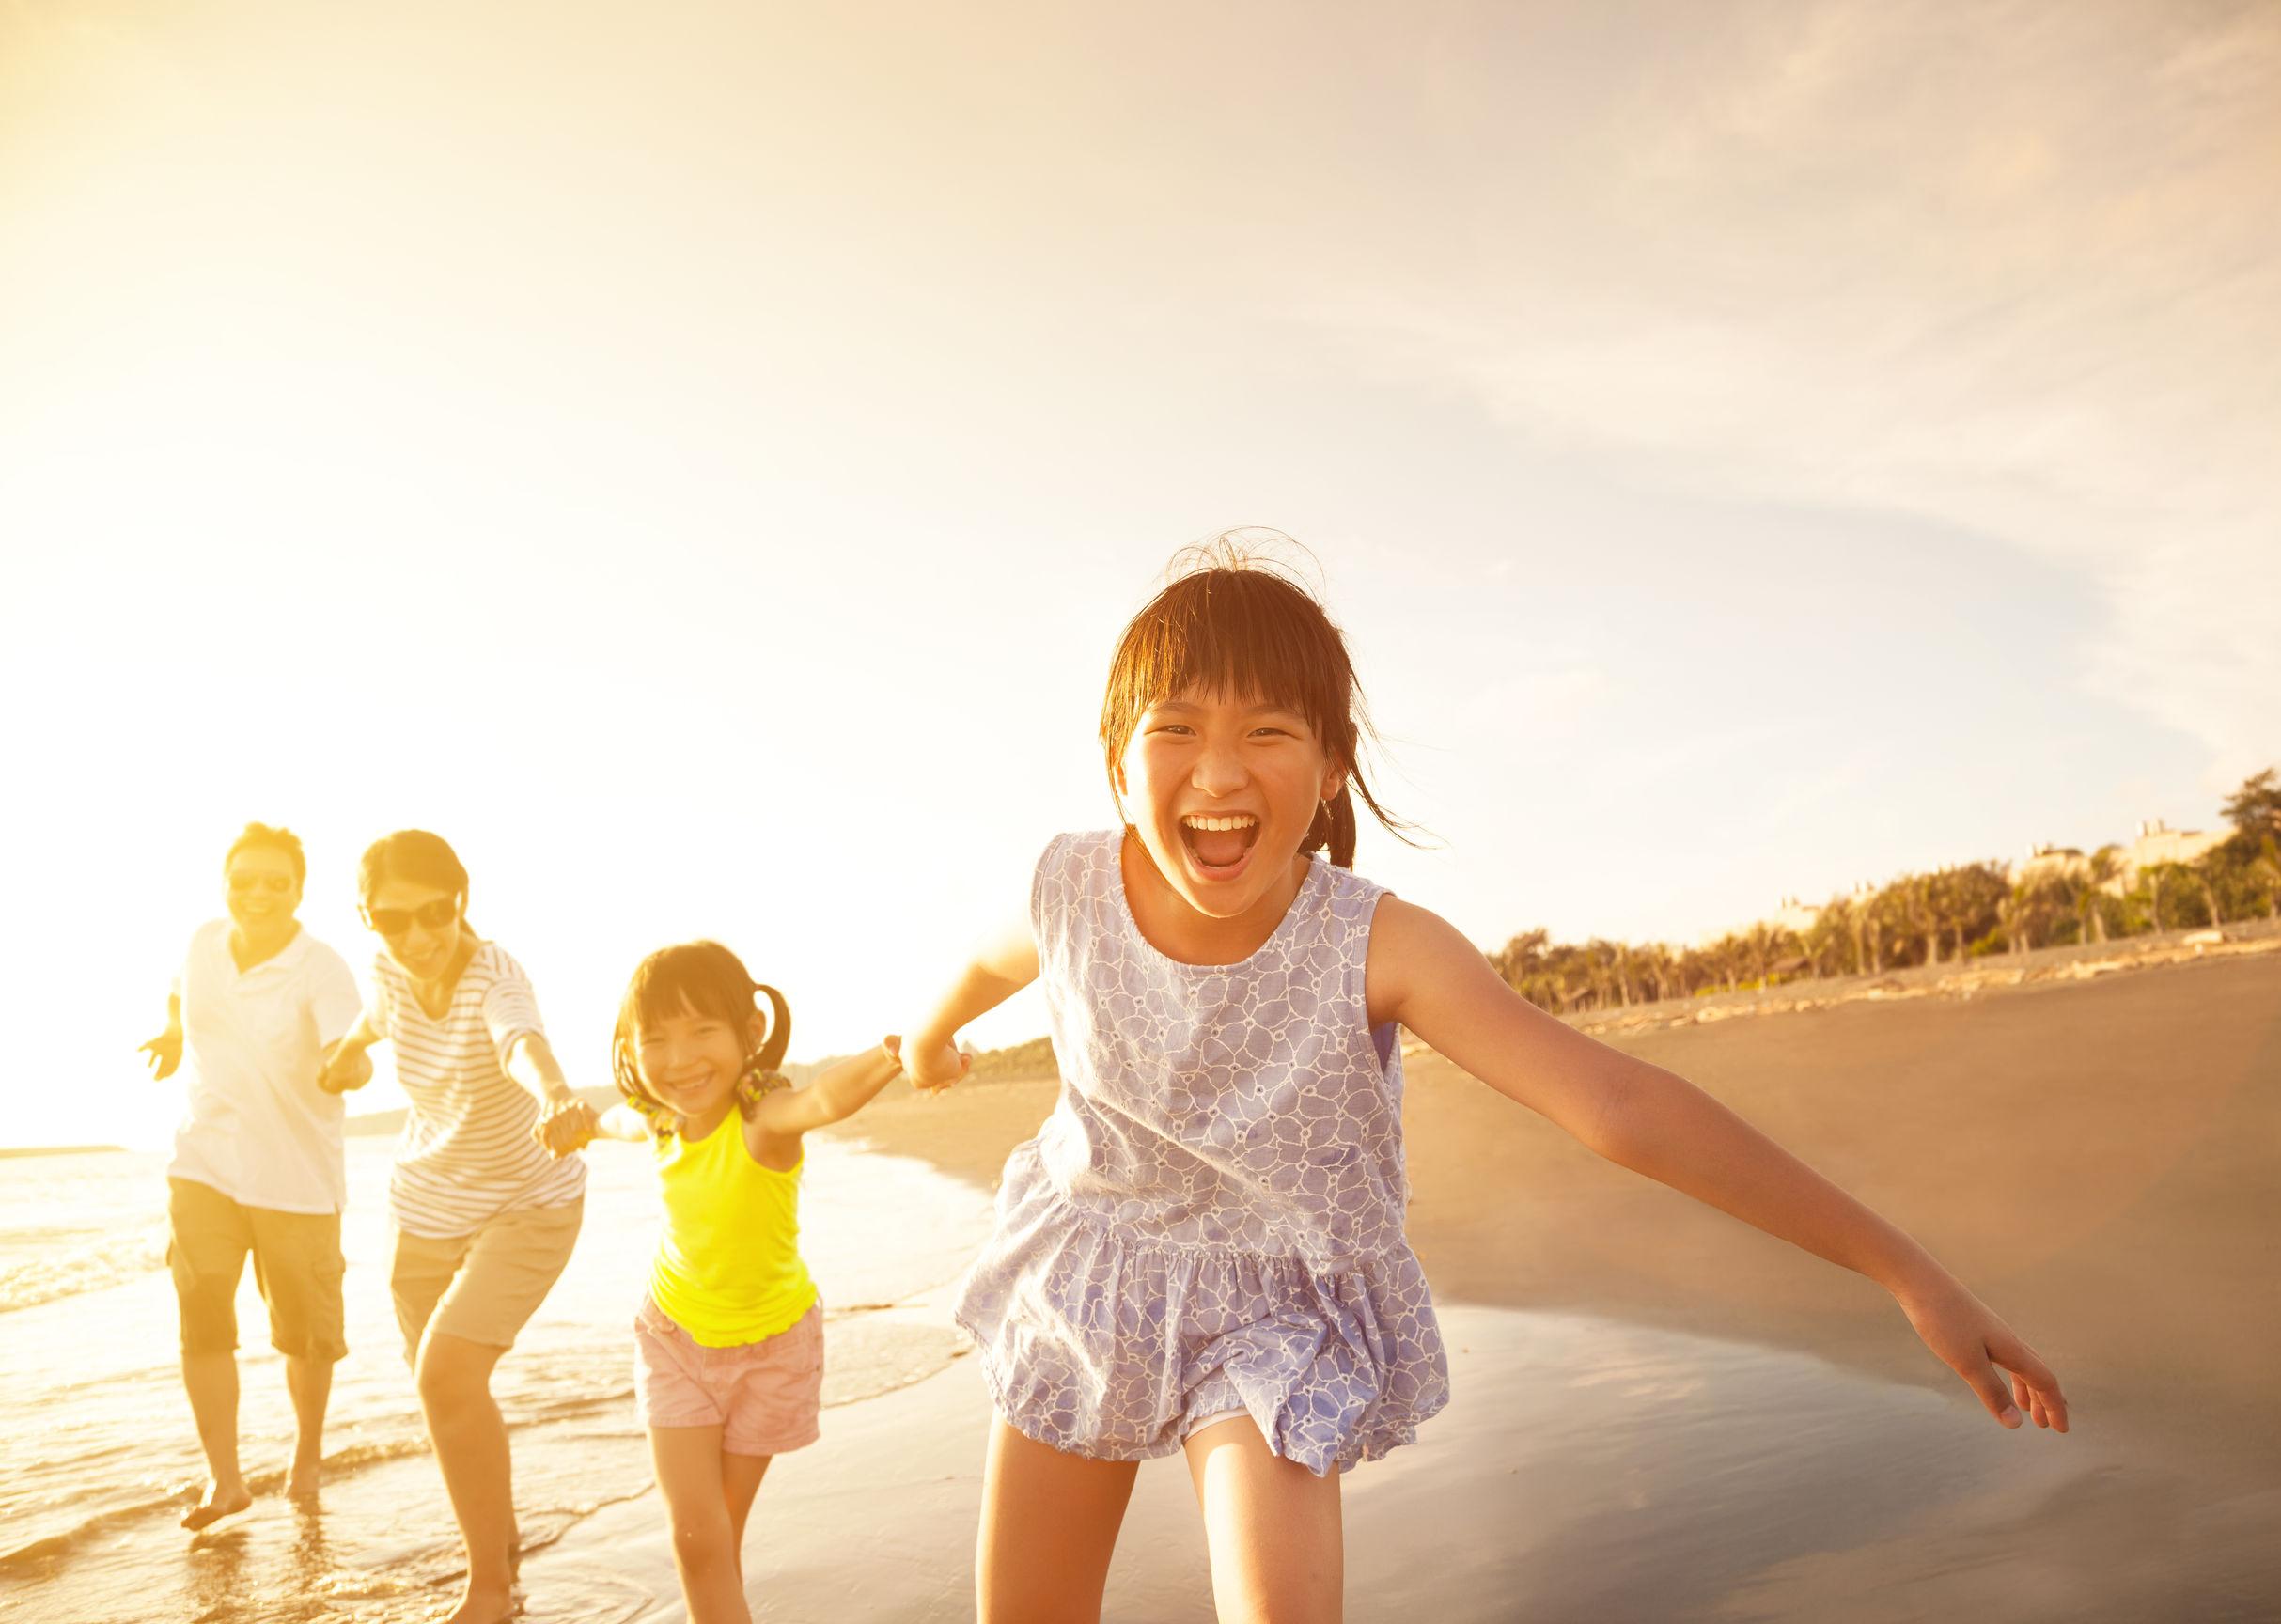 ตั้งเป้าหมายทั้งปี ด้วยความสุข 8 ประการ thaihealth